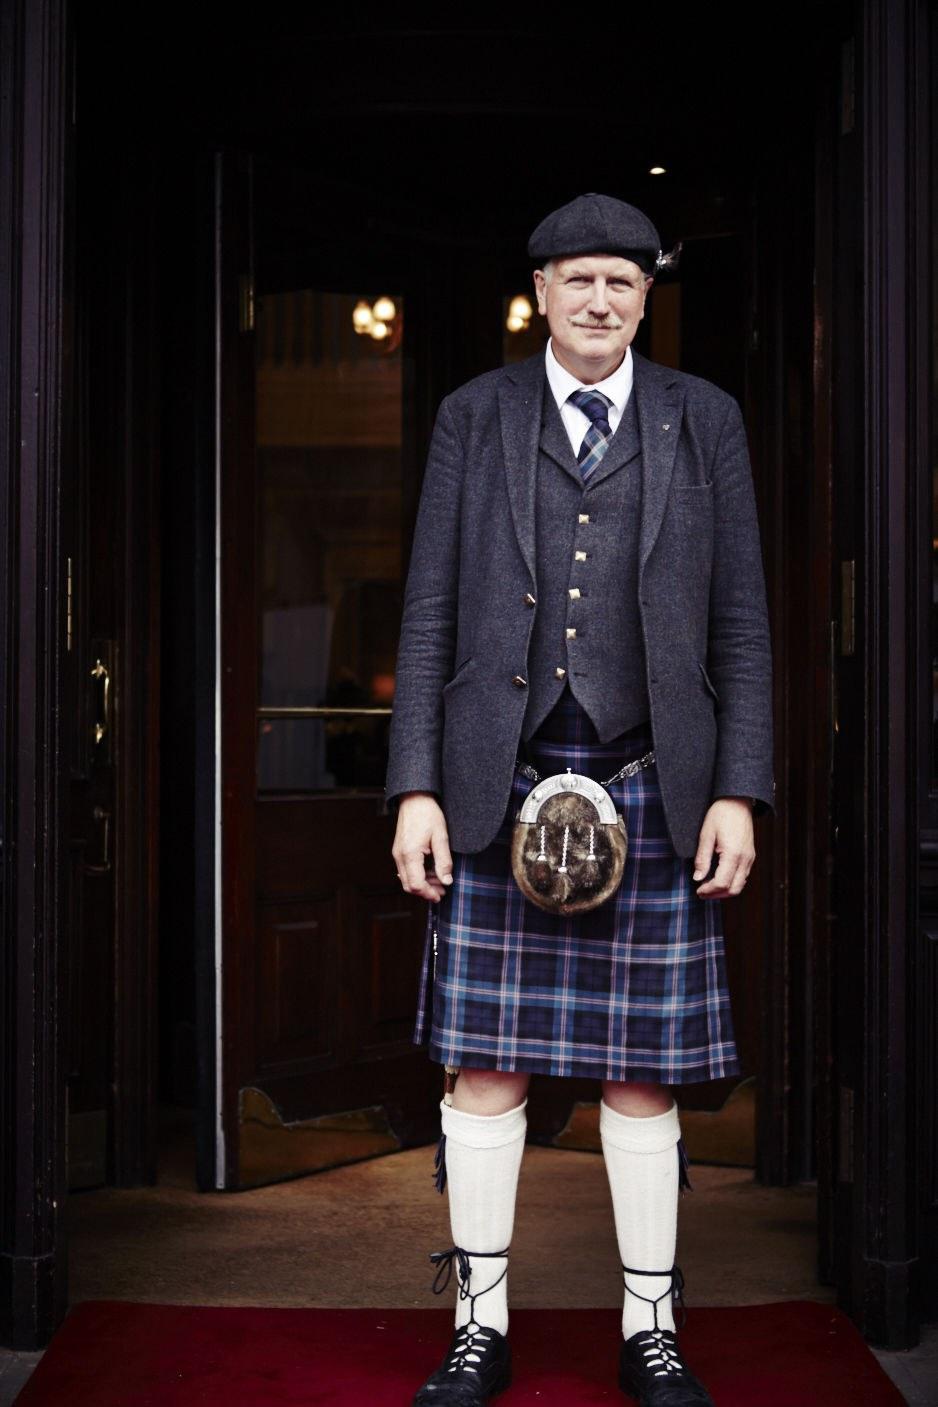 A doorman at The Balmoral Hotel